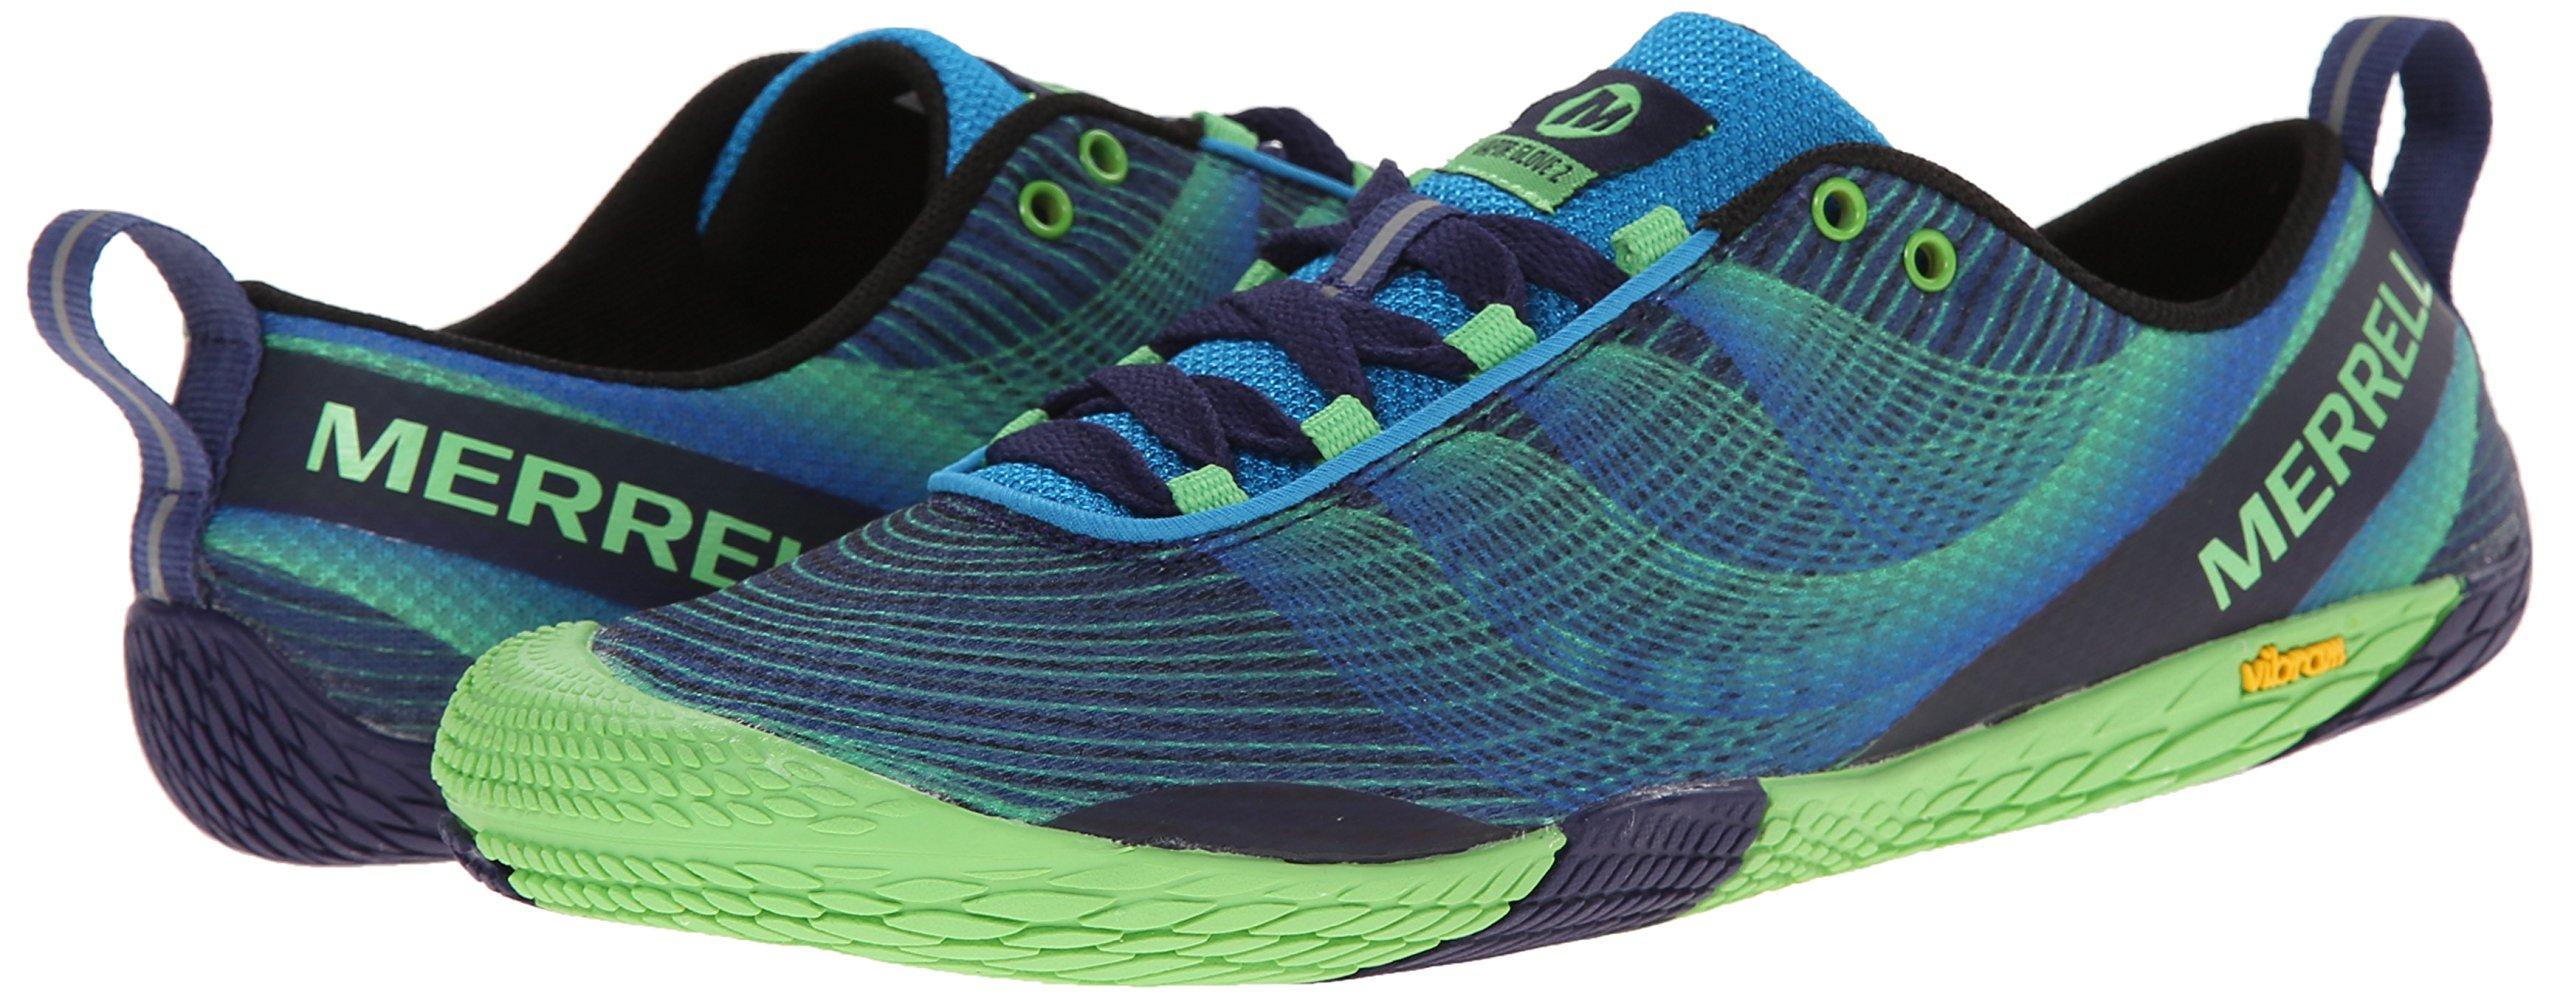 Merrell Men's Vapor Glove 2 Trail Running Shoe, Racer Blue/Bright Green, 9.5 M US by Merrell (Image #6)